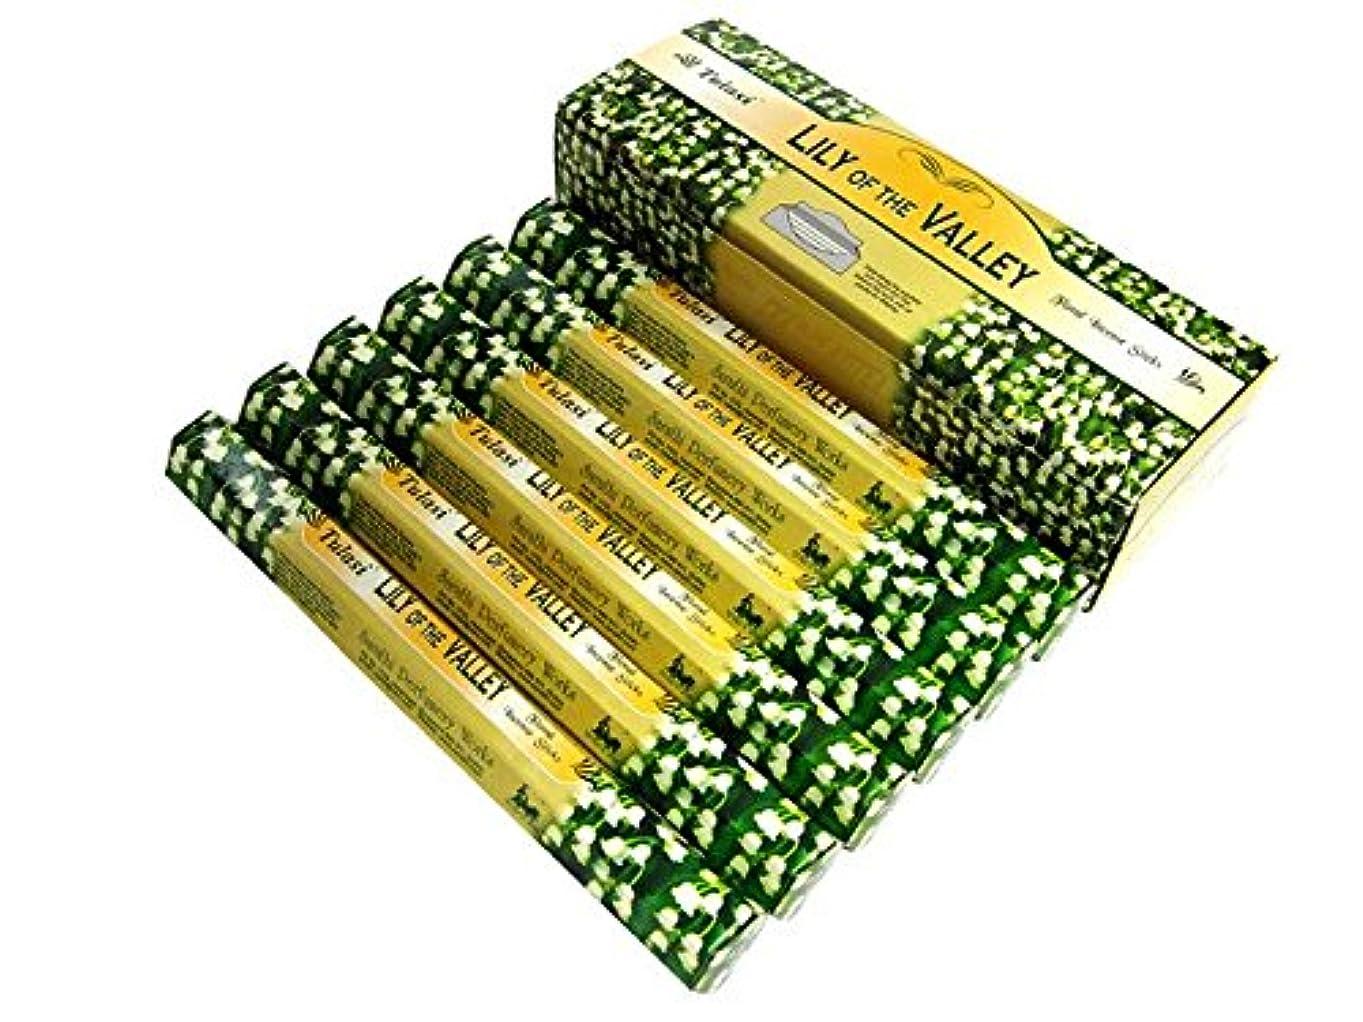 比較的役に立つ通信するTULASI(トゥラシ) リリーオブザバレー香 スティック LILI OF THE VALLEY 6箱セット